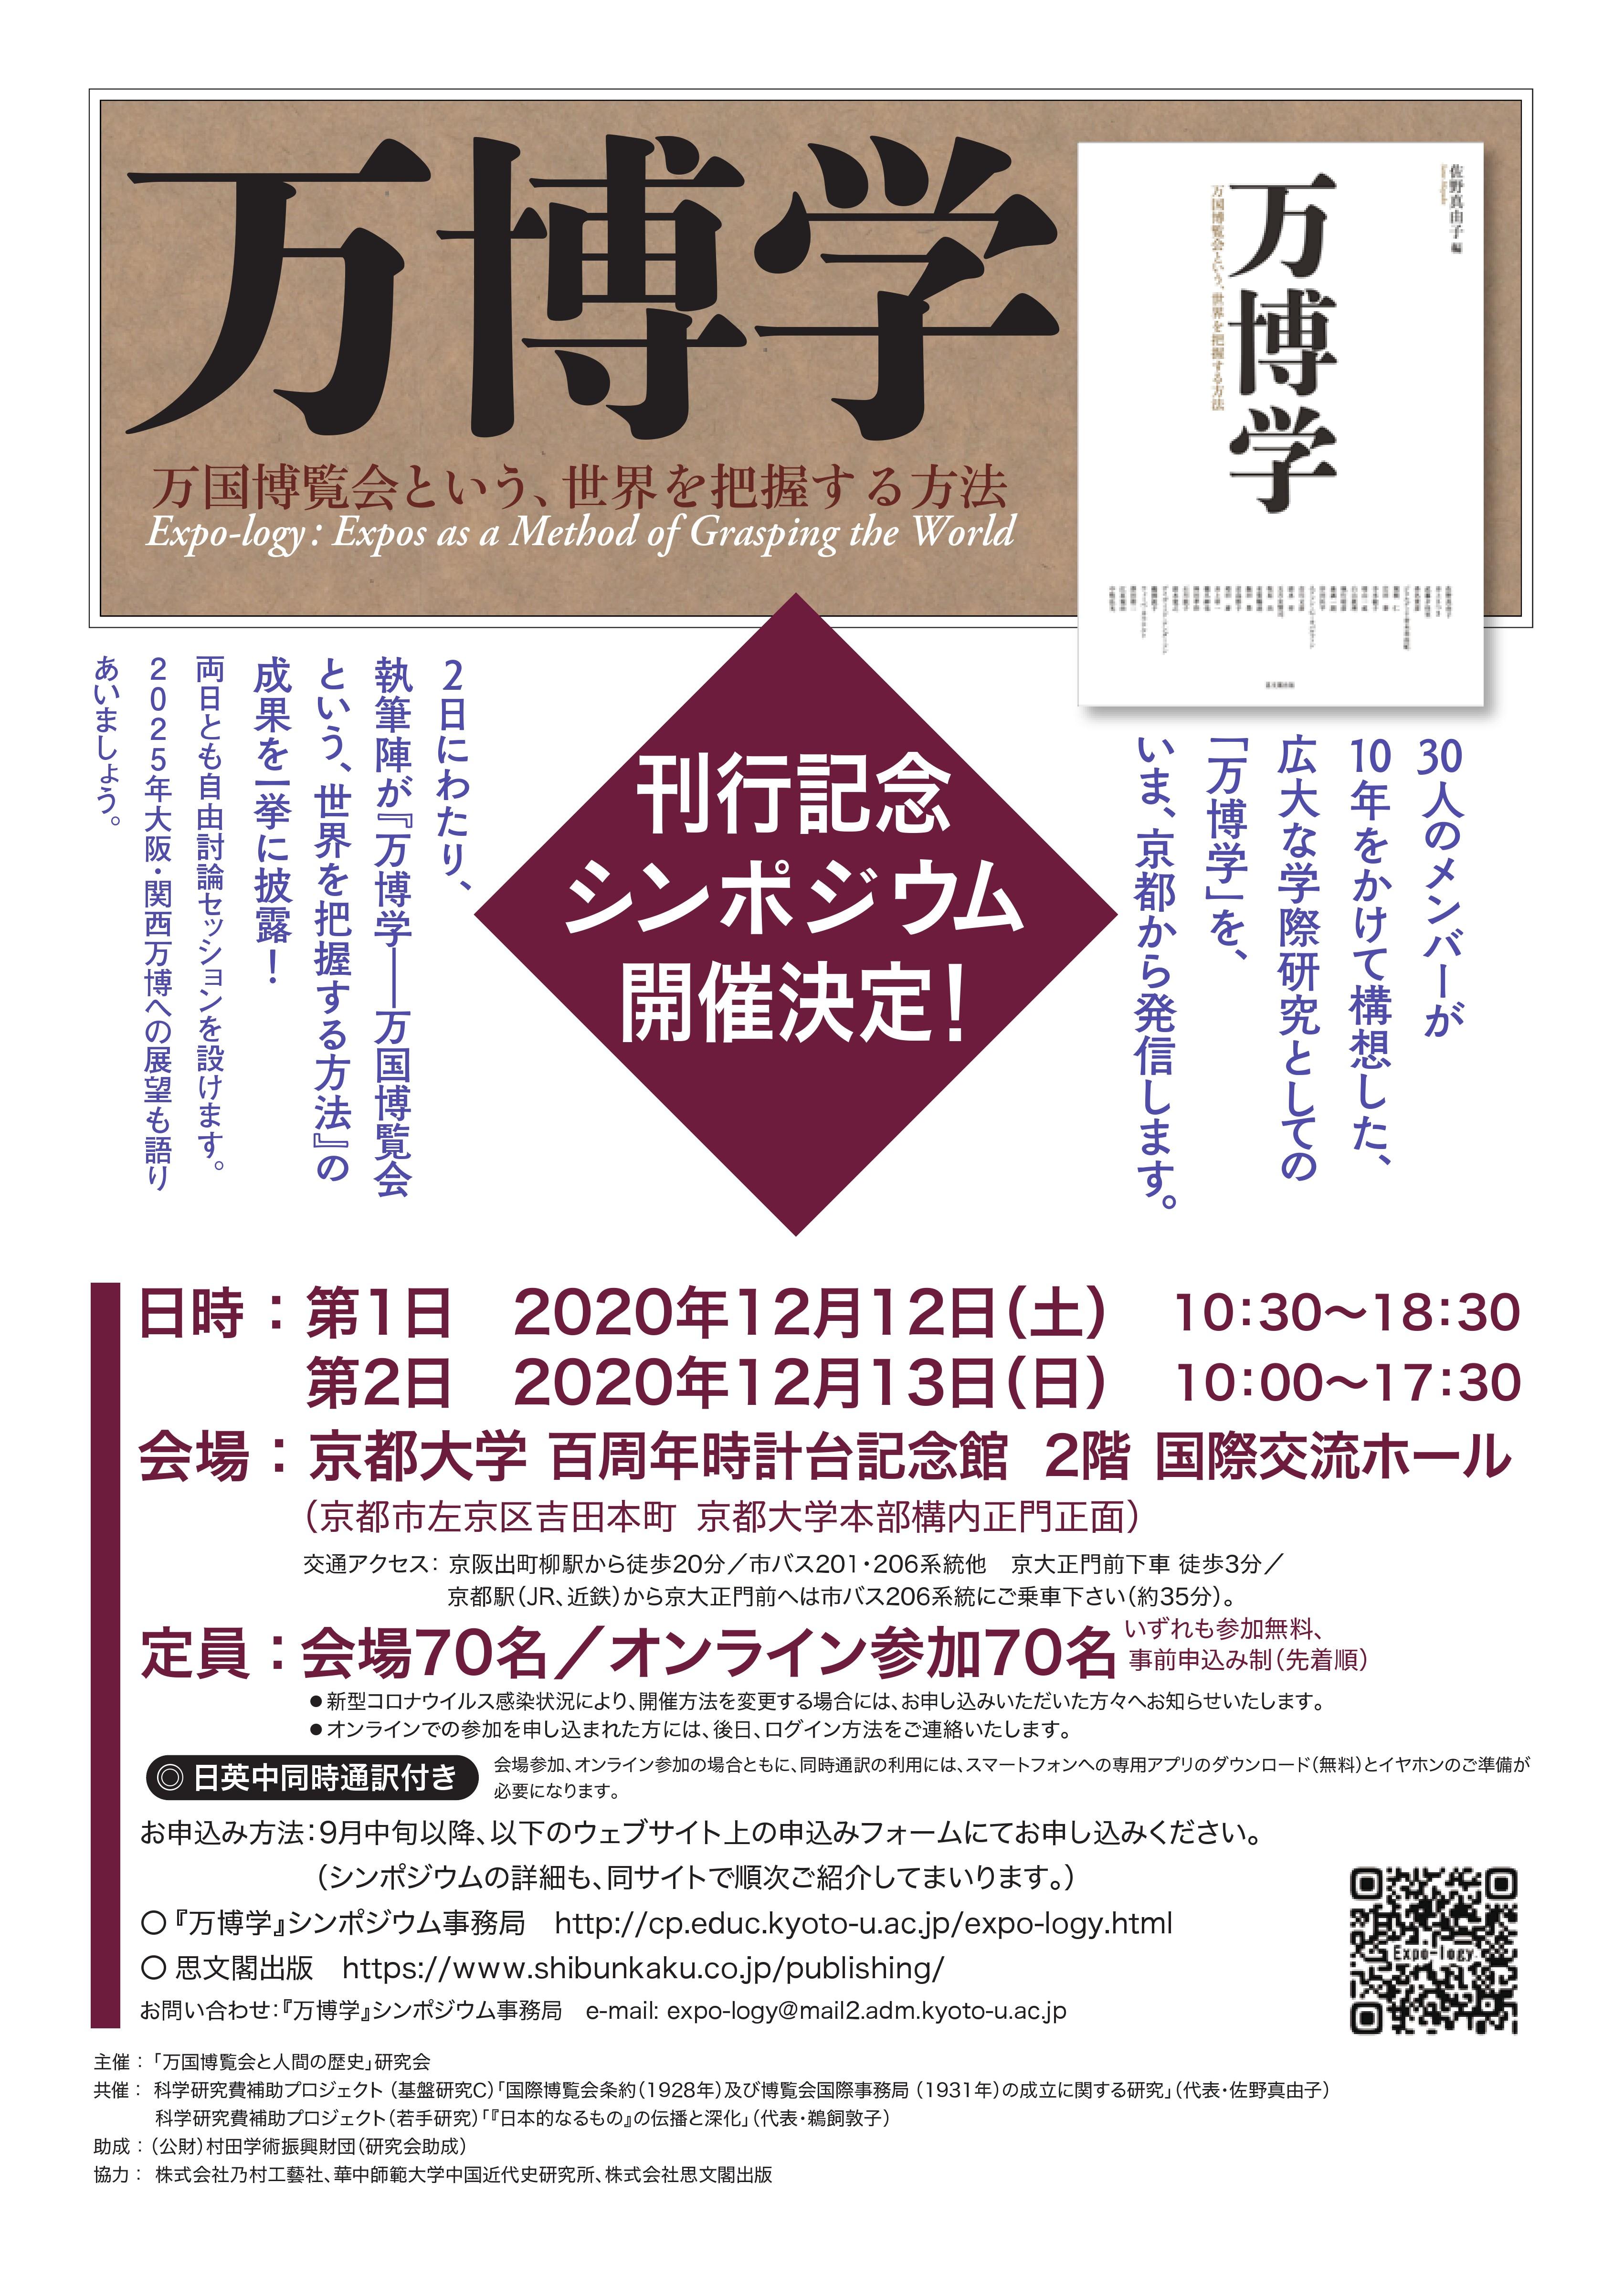 『万博学』刊行記念シンポジウム